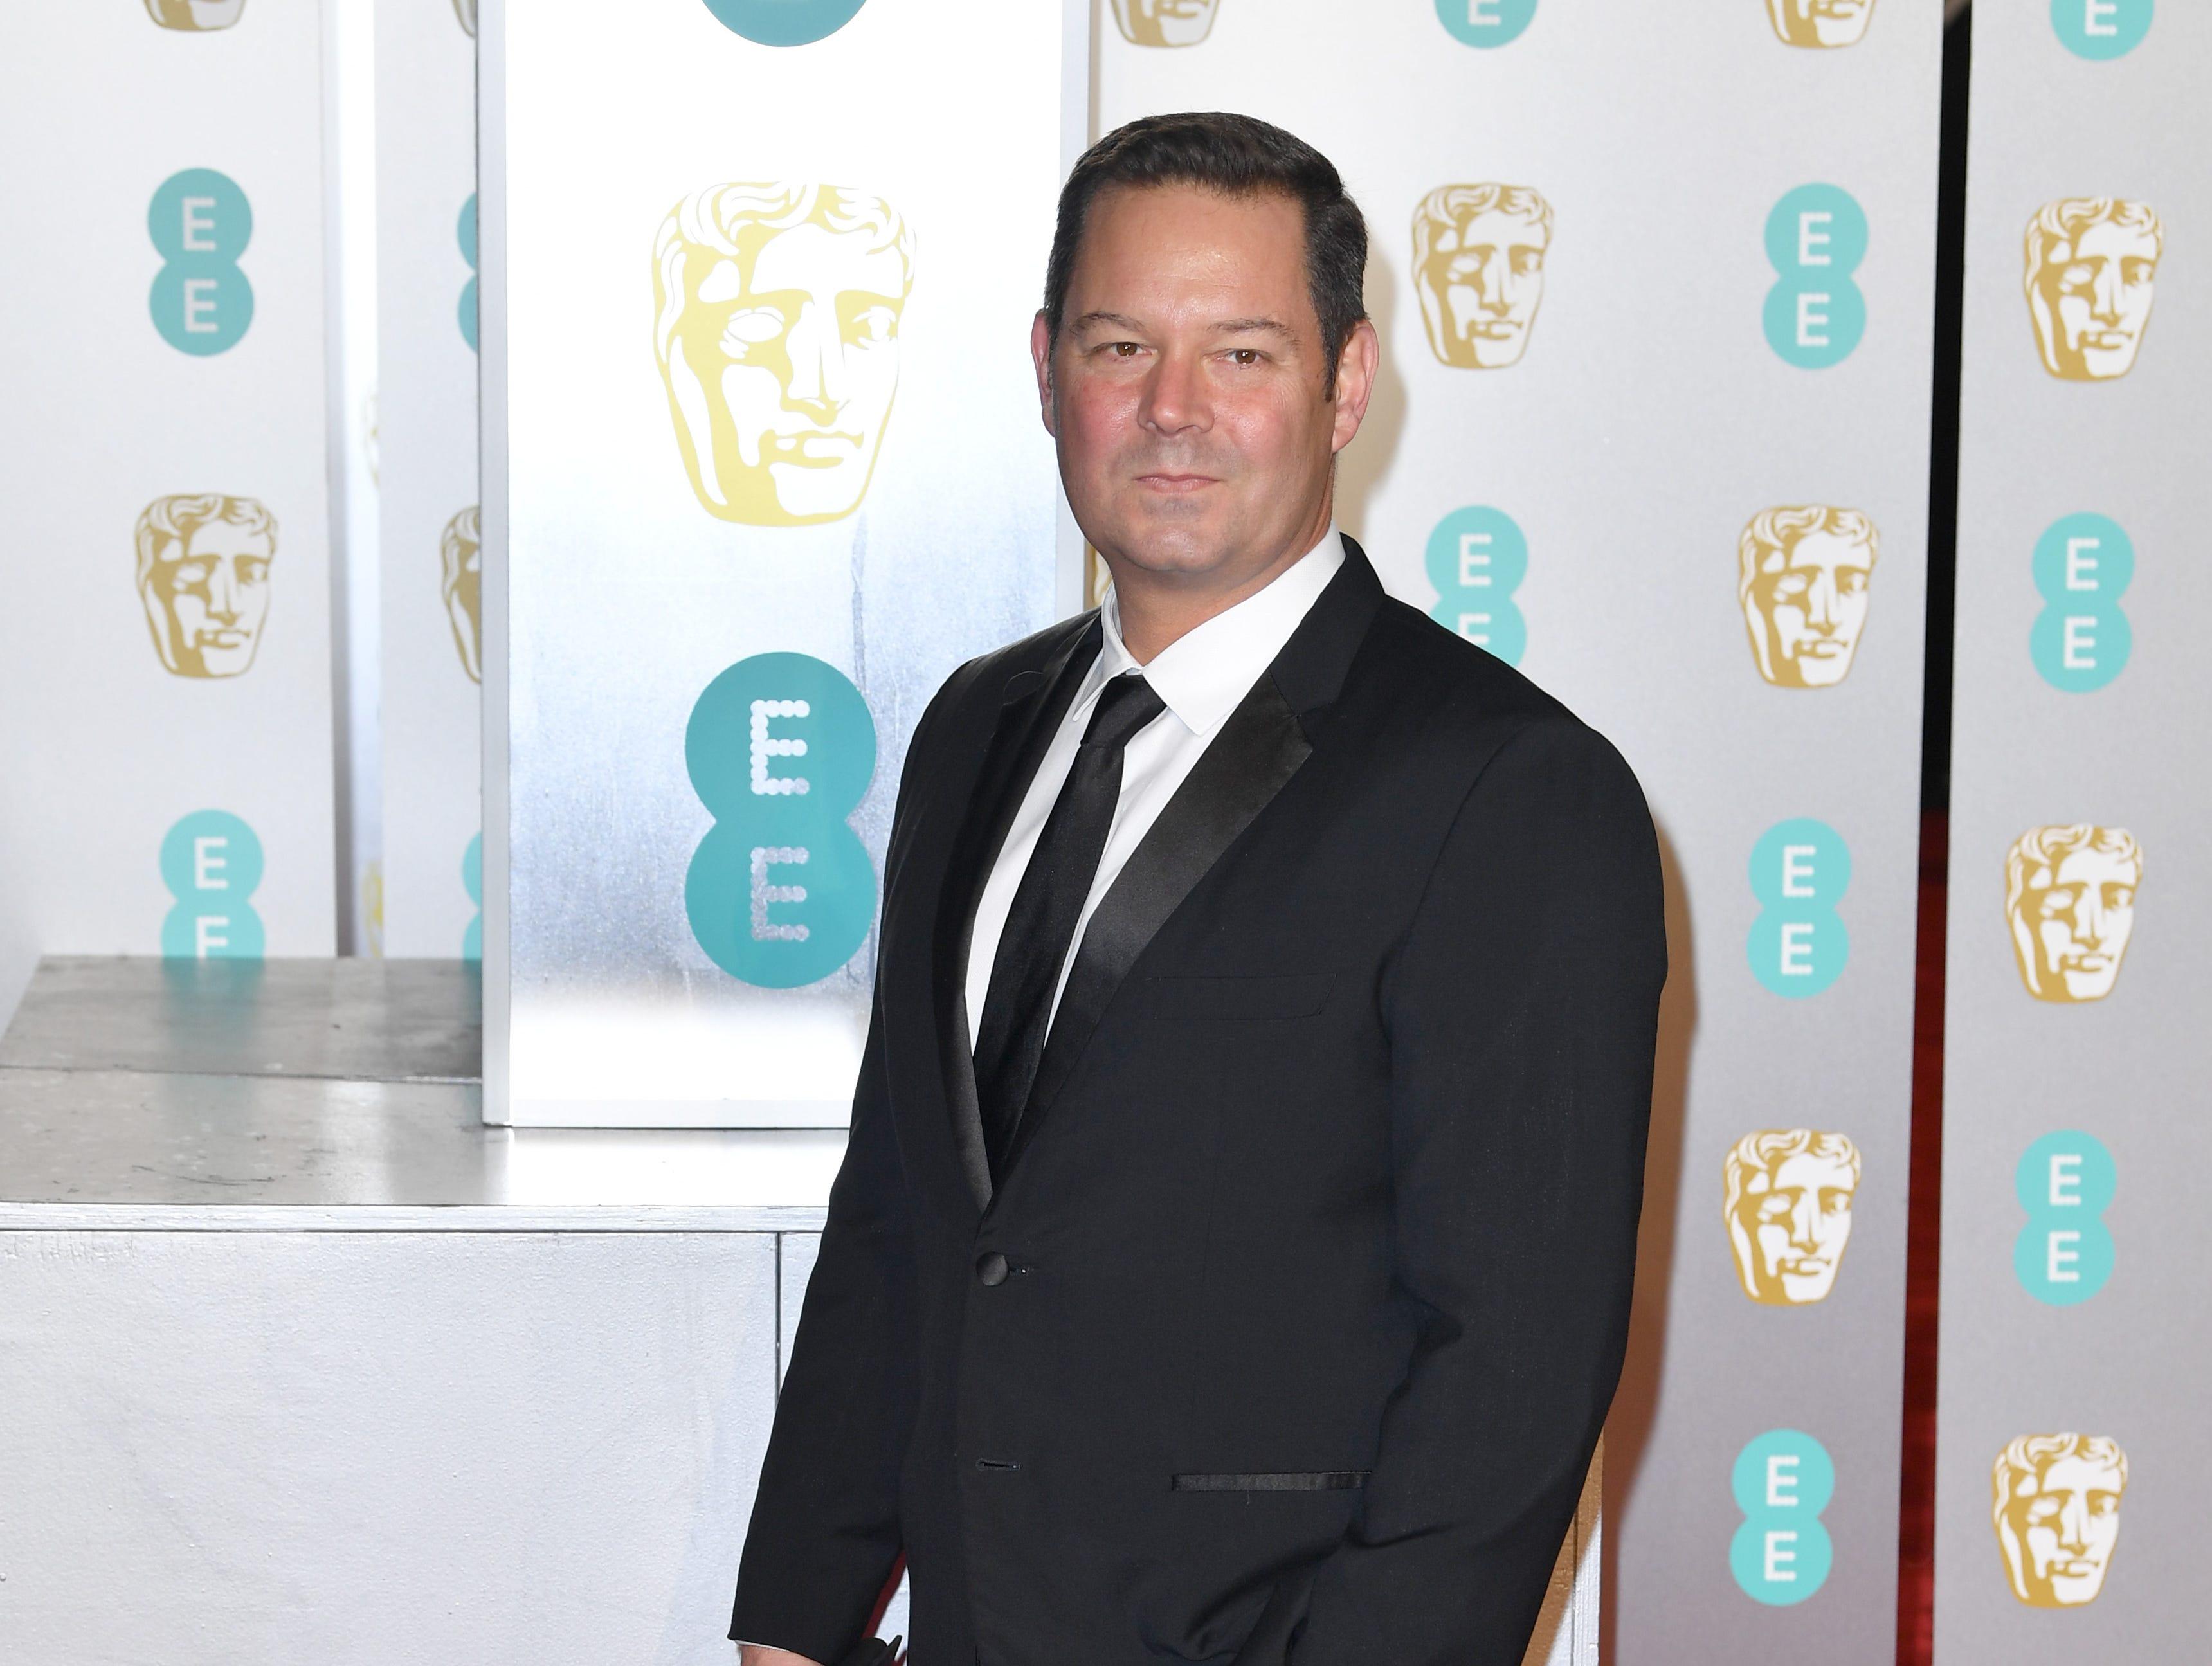 Kevin J. Messick a su llegada a la alfombra roja de los Premios de la Academia Británica de Cine BAFTA en el Royal Albert Hall en Londres el 10 de febrero de 2019.